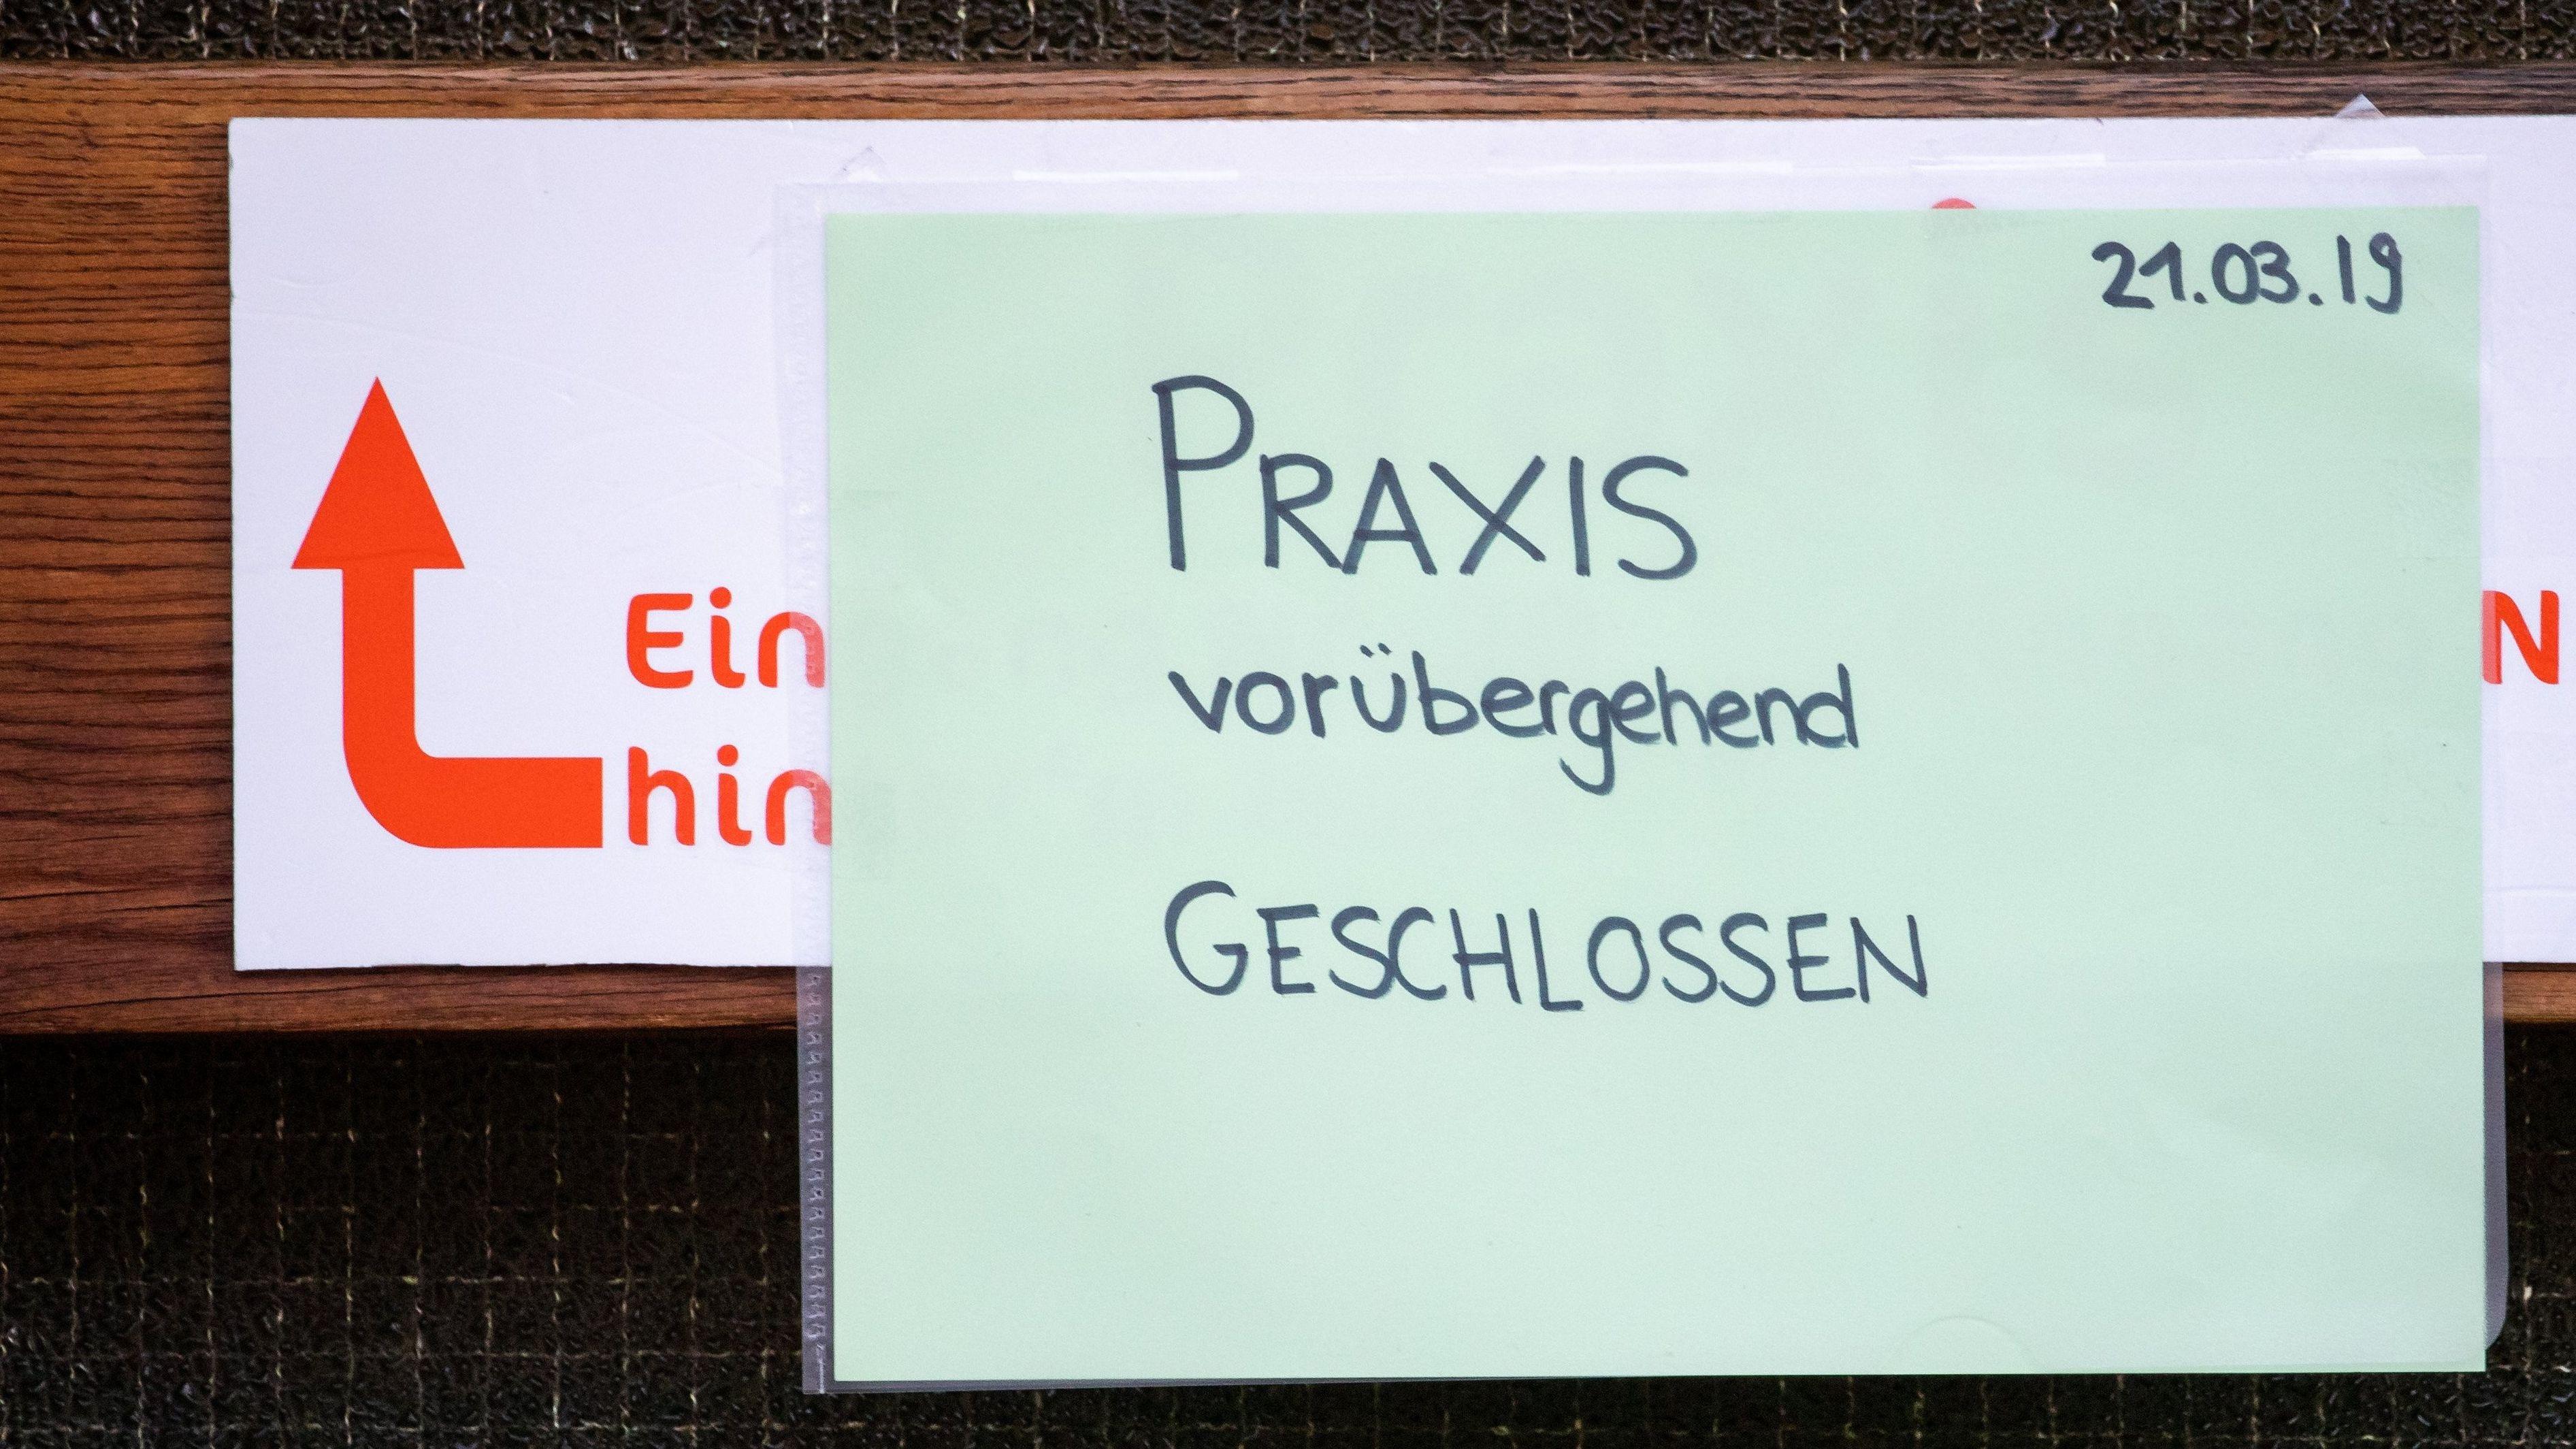 """""""Praxis vorübergehend geschlossen"""" steht auf einem Zettel am Eingang zur einer Praxis für Logopädie in Würzburg."""